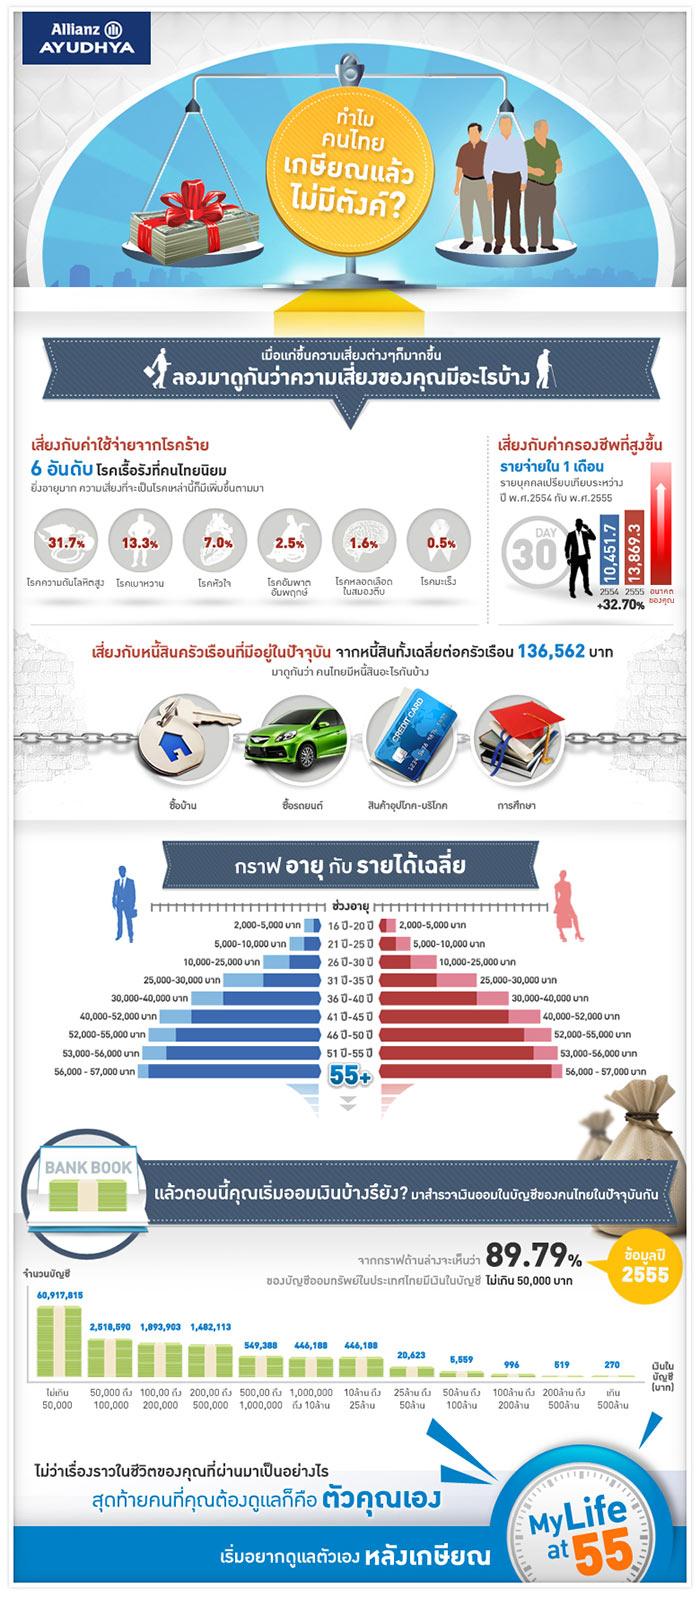 AZAY_my-life-at-55_infographic[s]